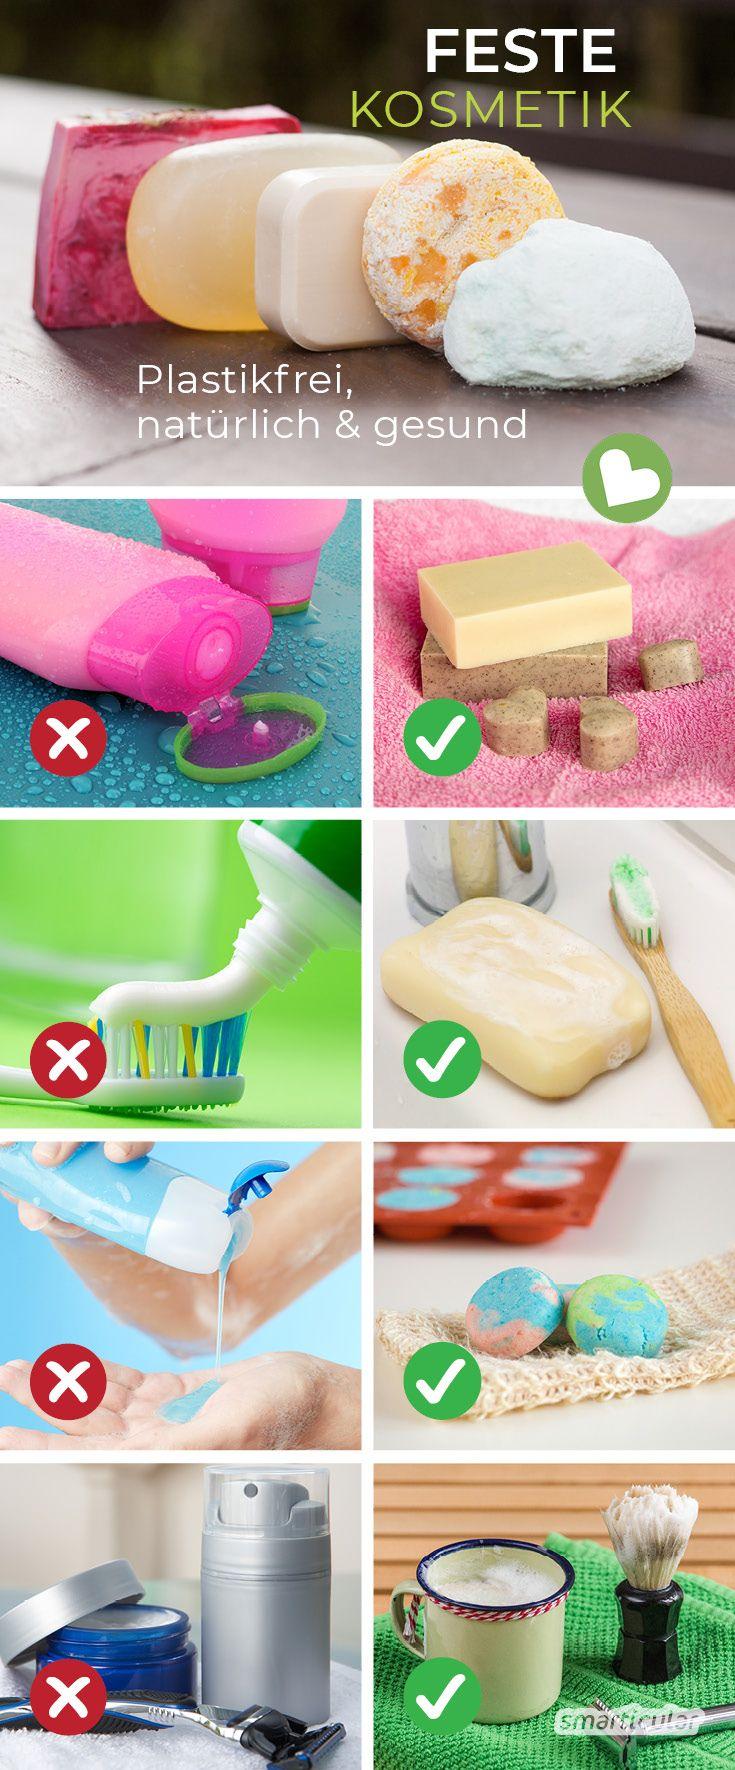 Feste Kosmetik – plastikfrei, (fast) abfallfrei, praktisch für unterwegs